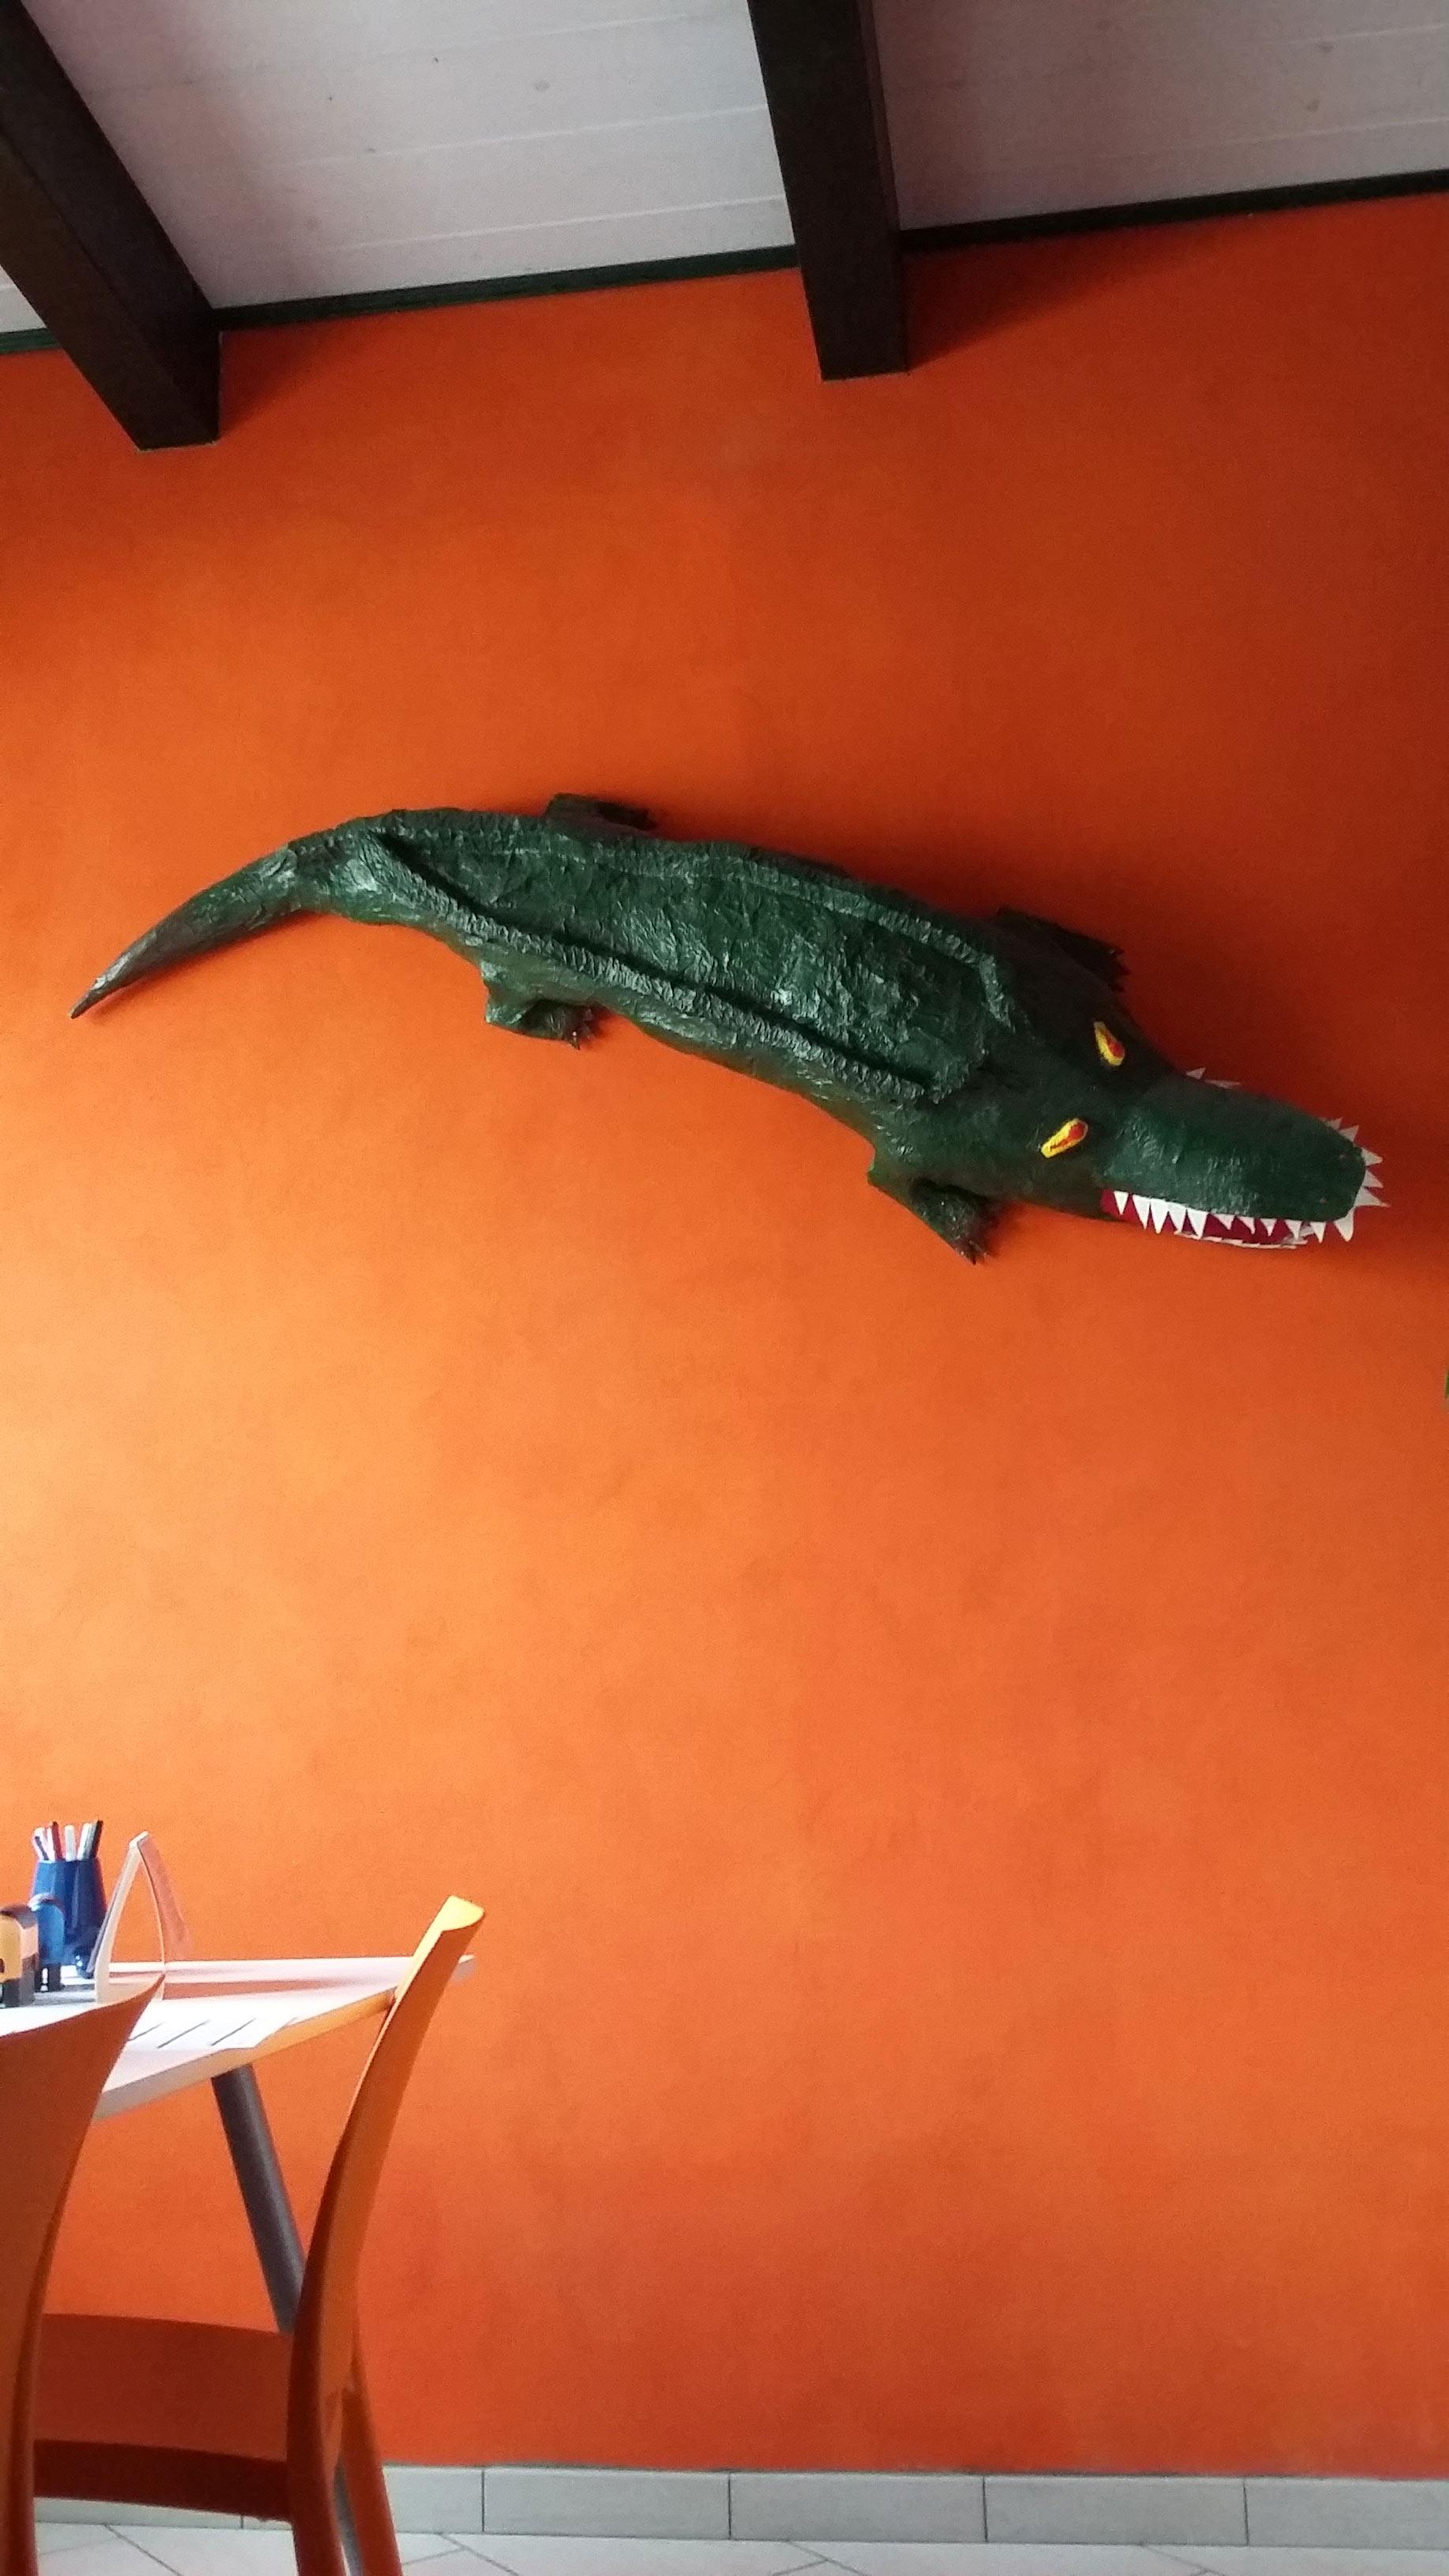 vista di un coccodrillo appeso al muro